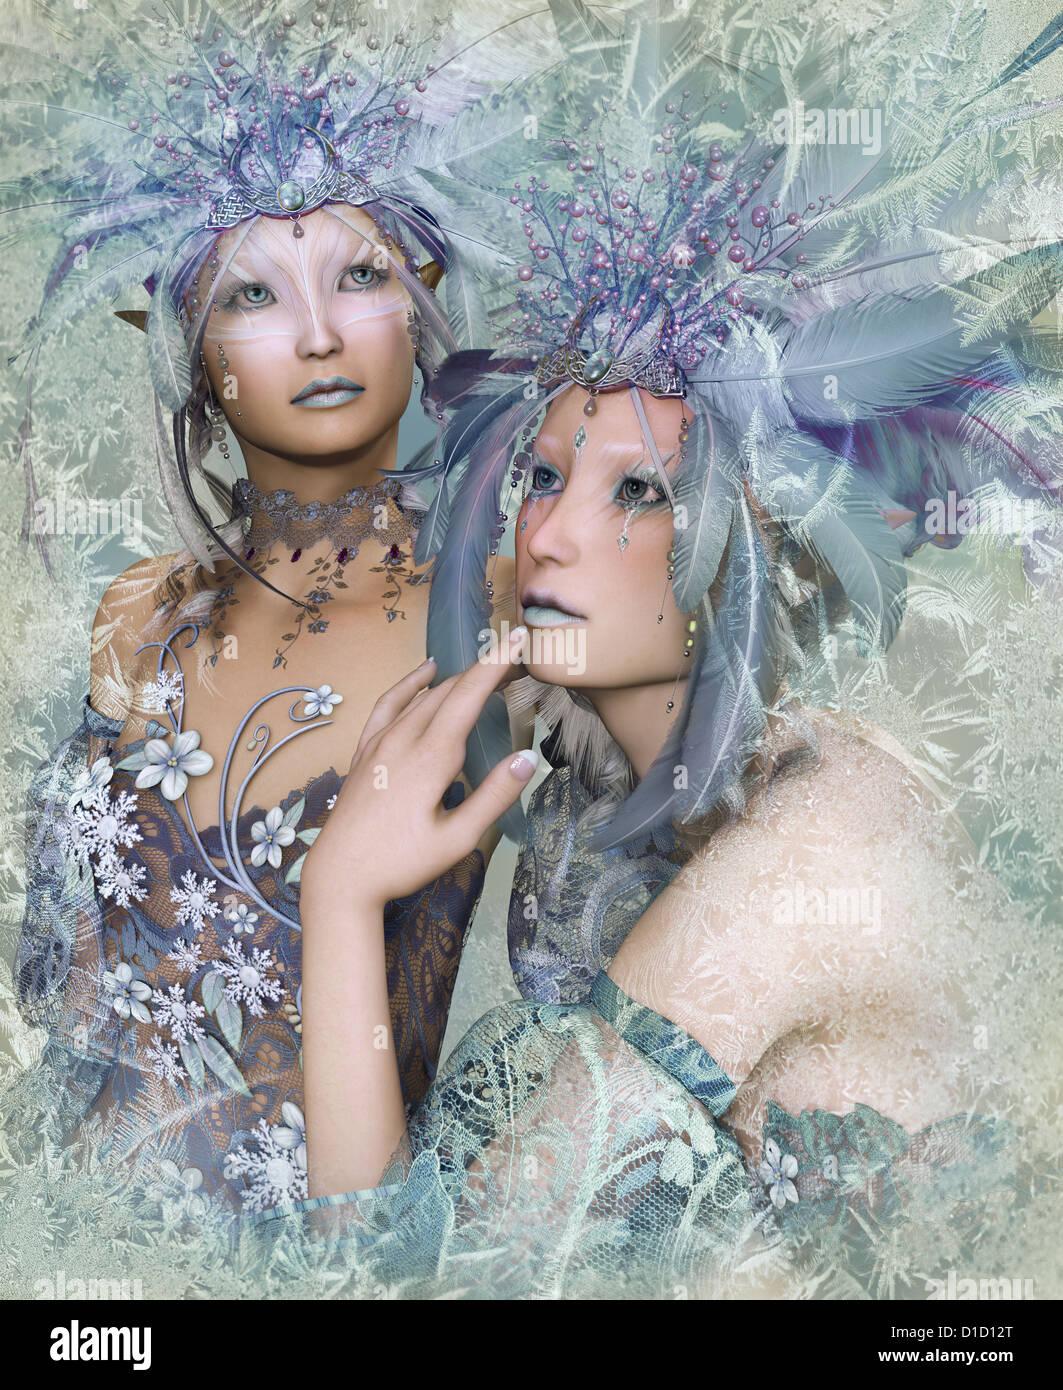 Un portrait de deux elfes-d'hiver avec des couronnes Photo Stock